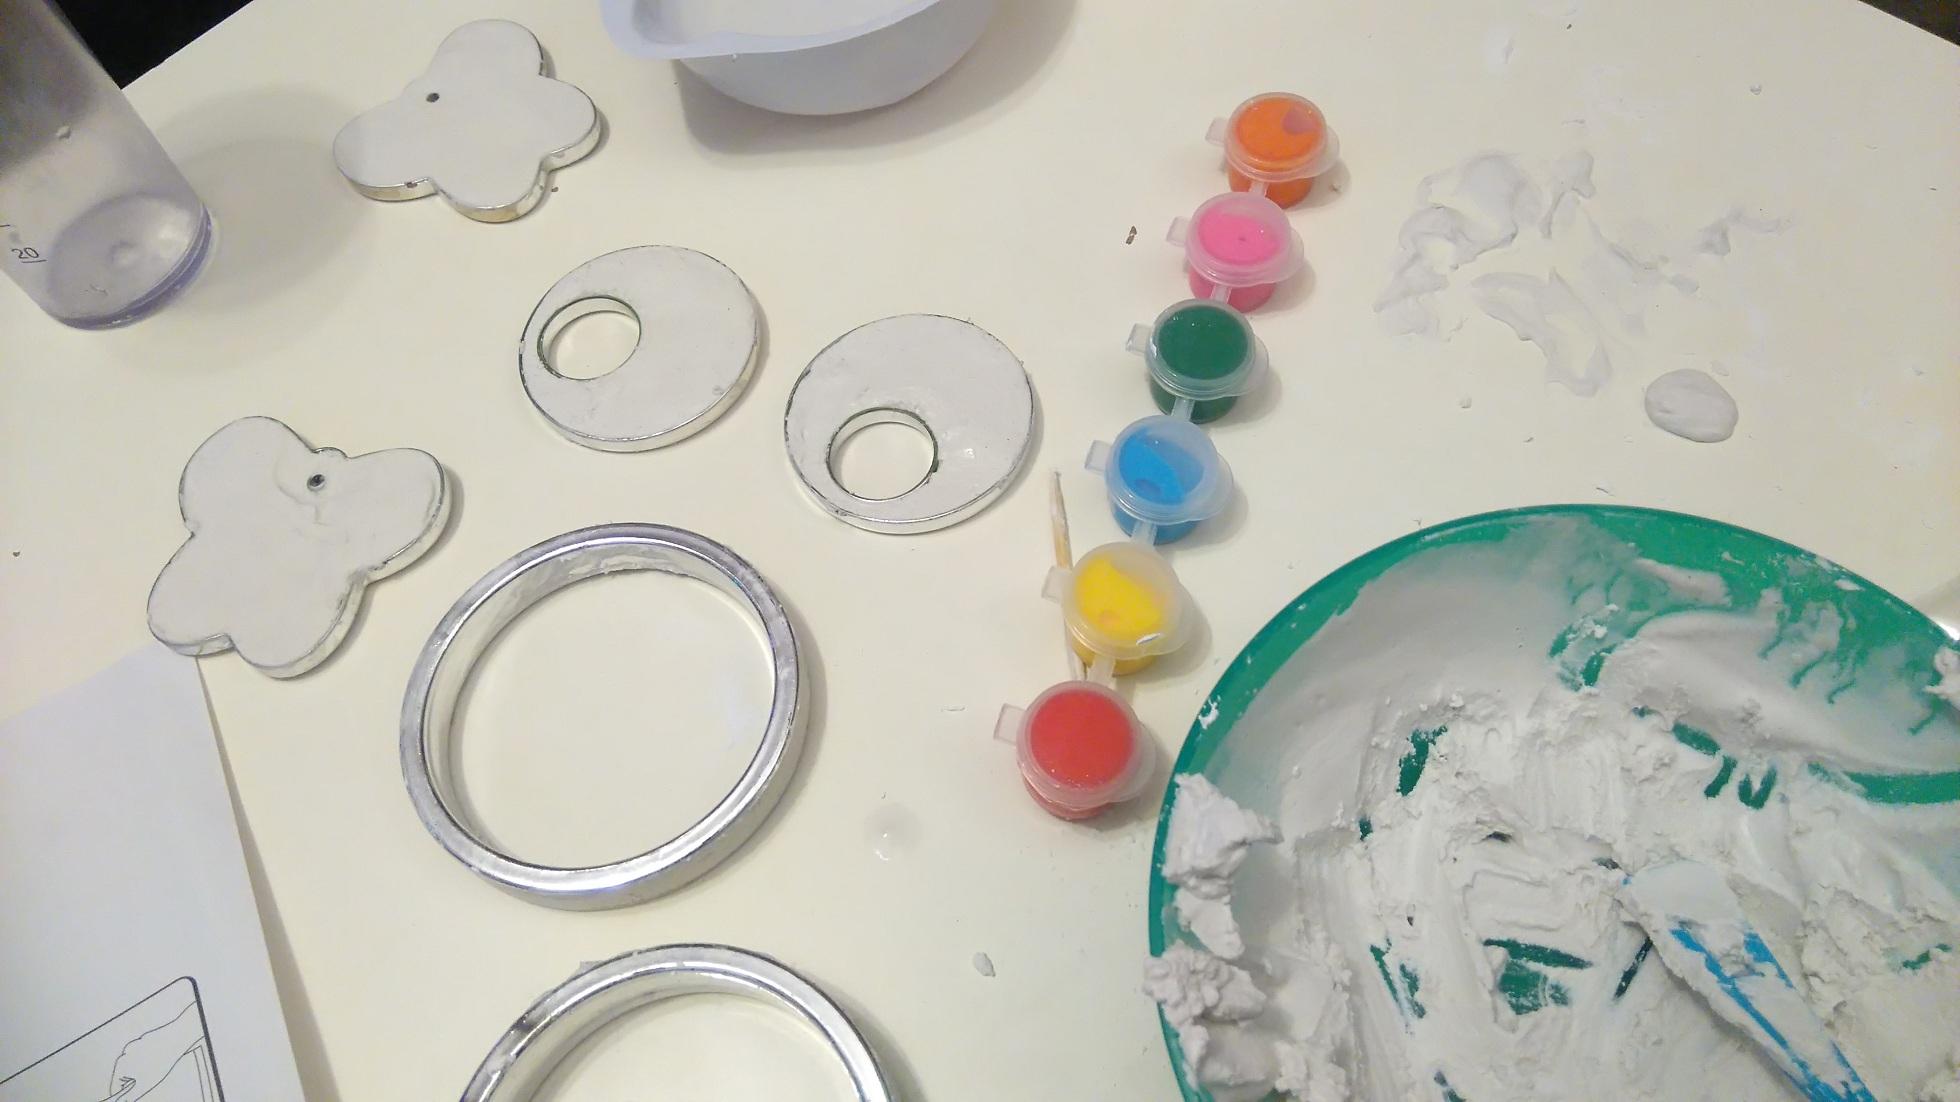 leżące na stole foremki wypełnione gipsem gotowe do malowania i farbki